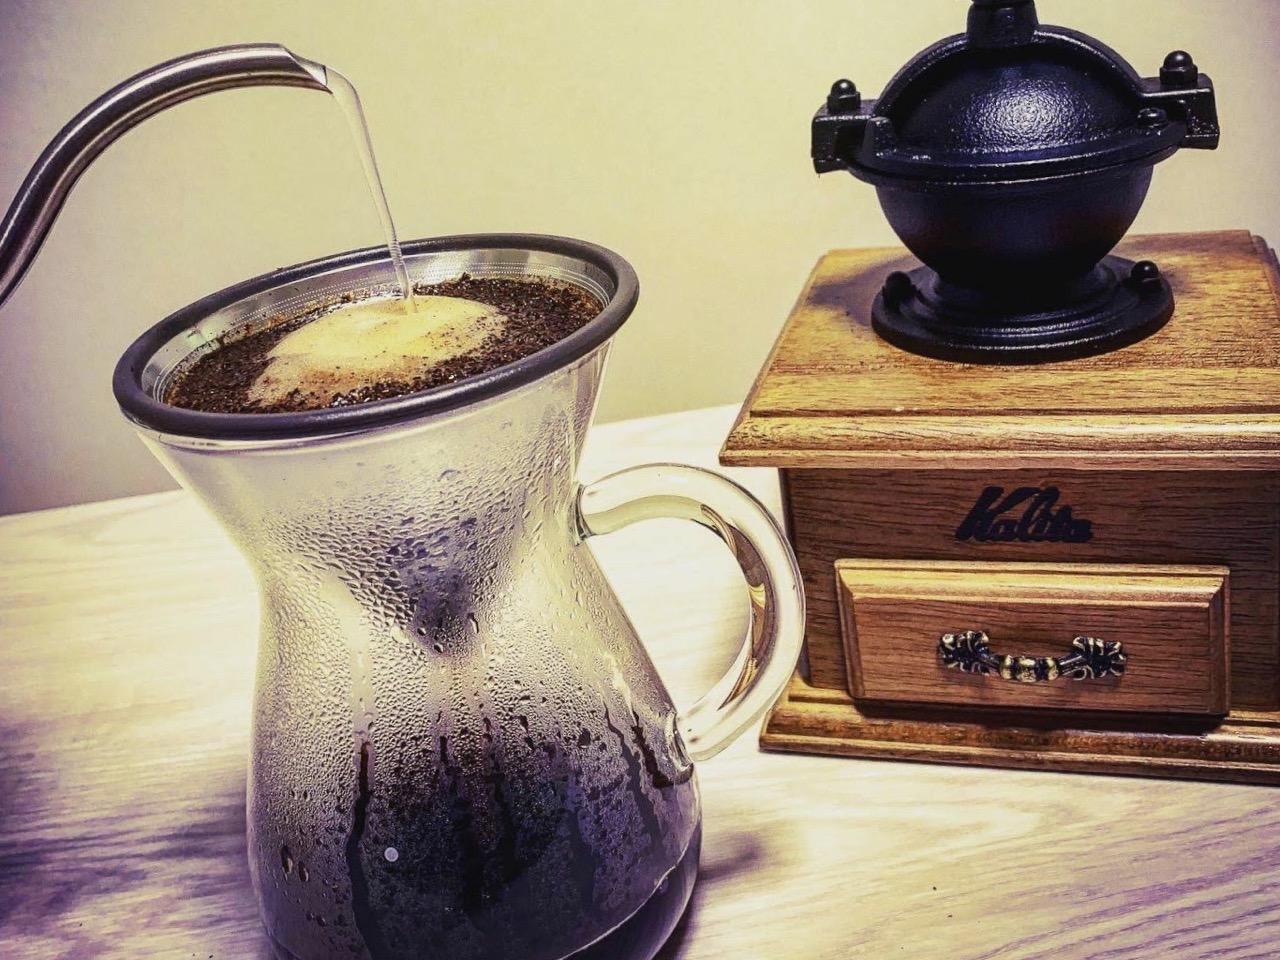 自分で挽くコーヒーの香りと雰囲気演出に◎